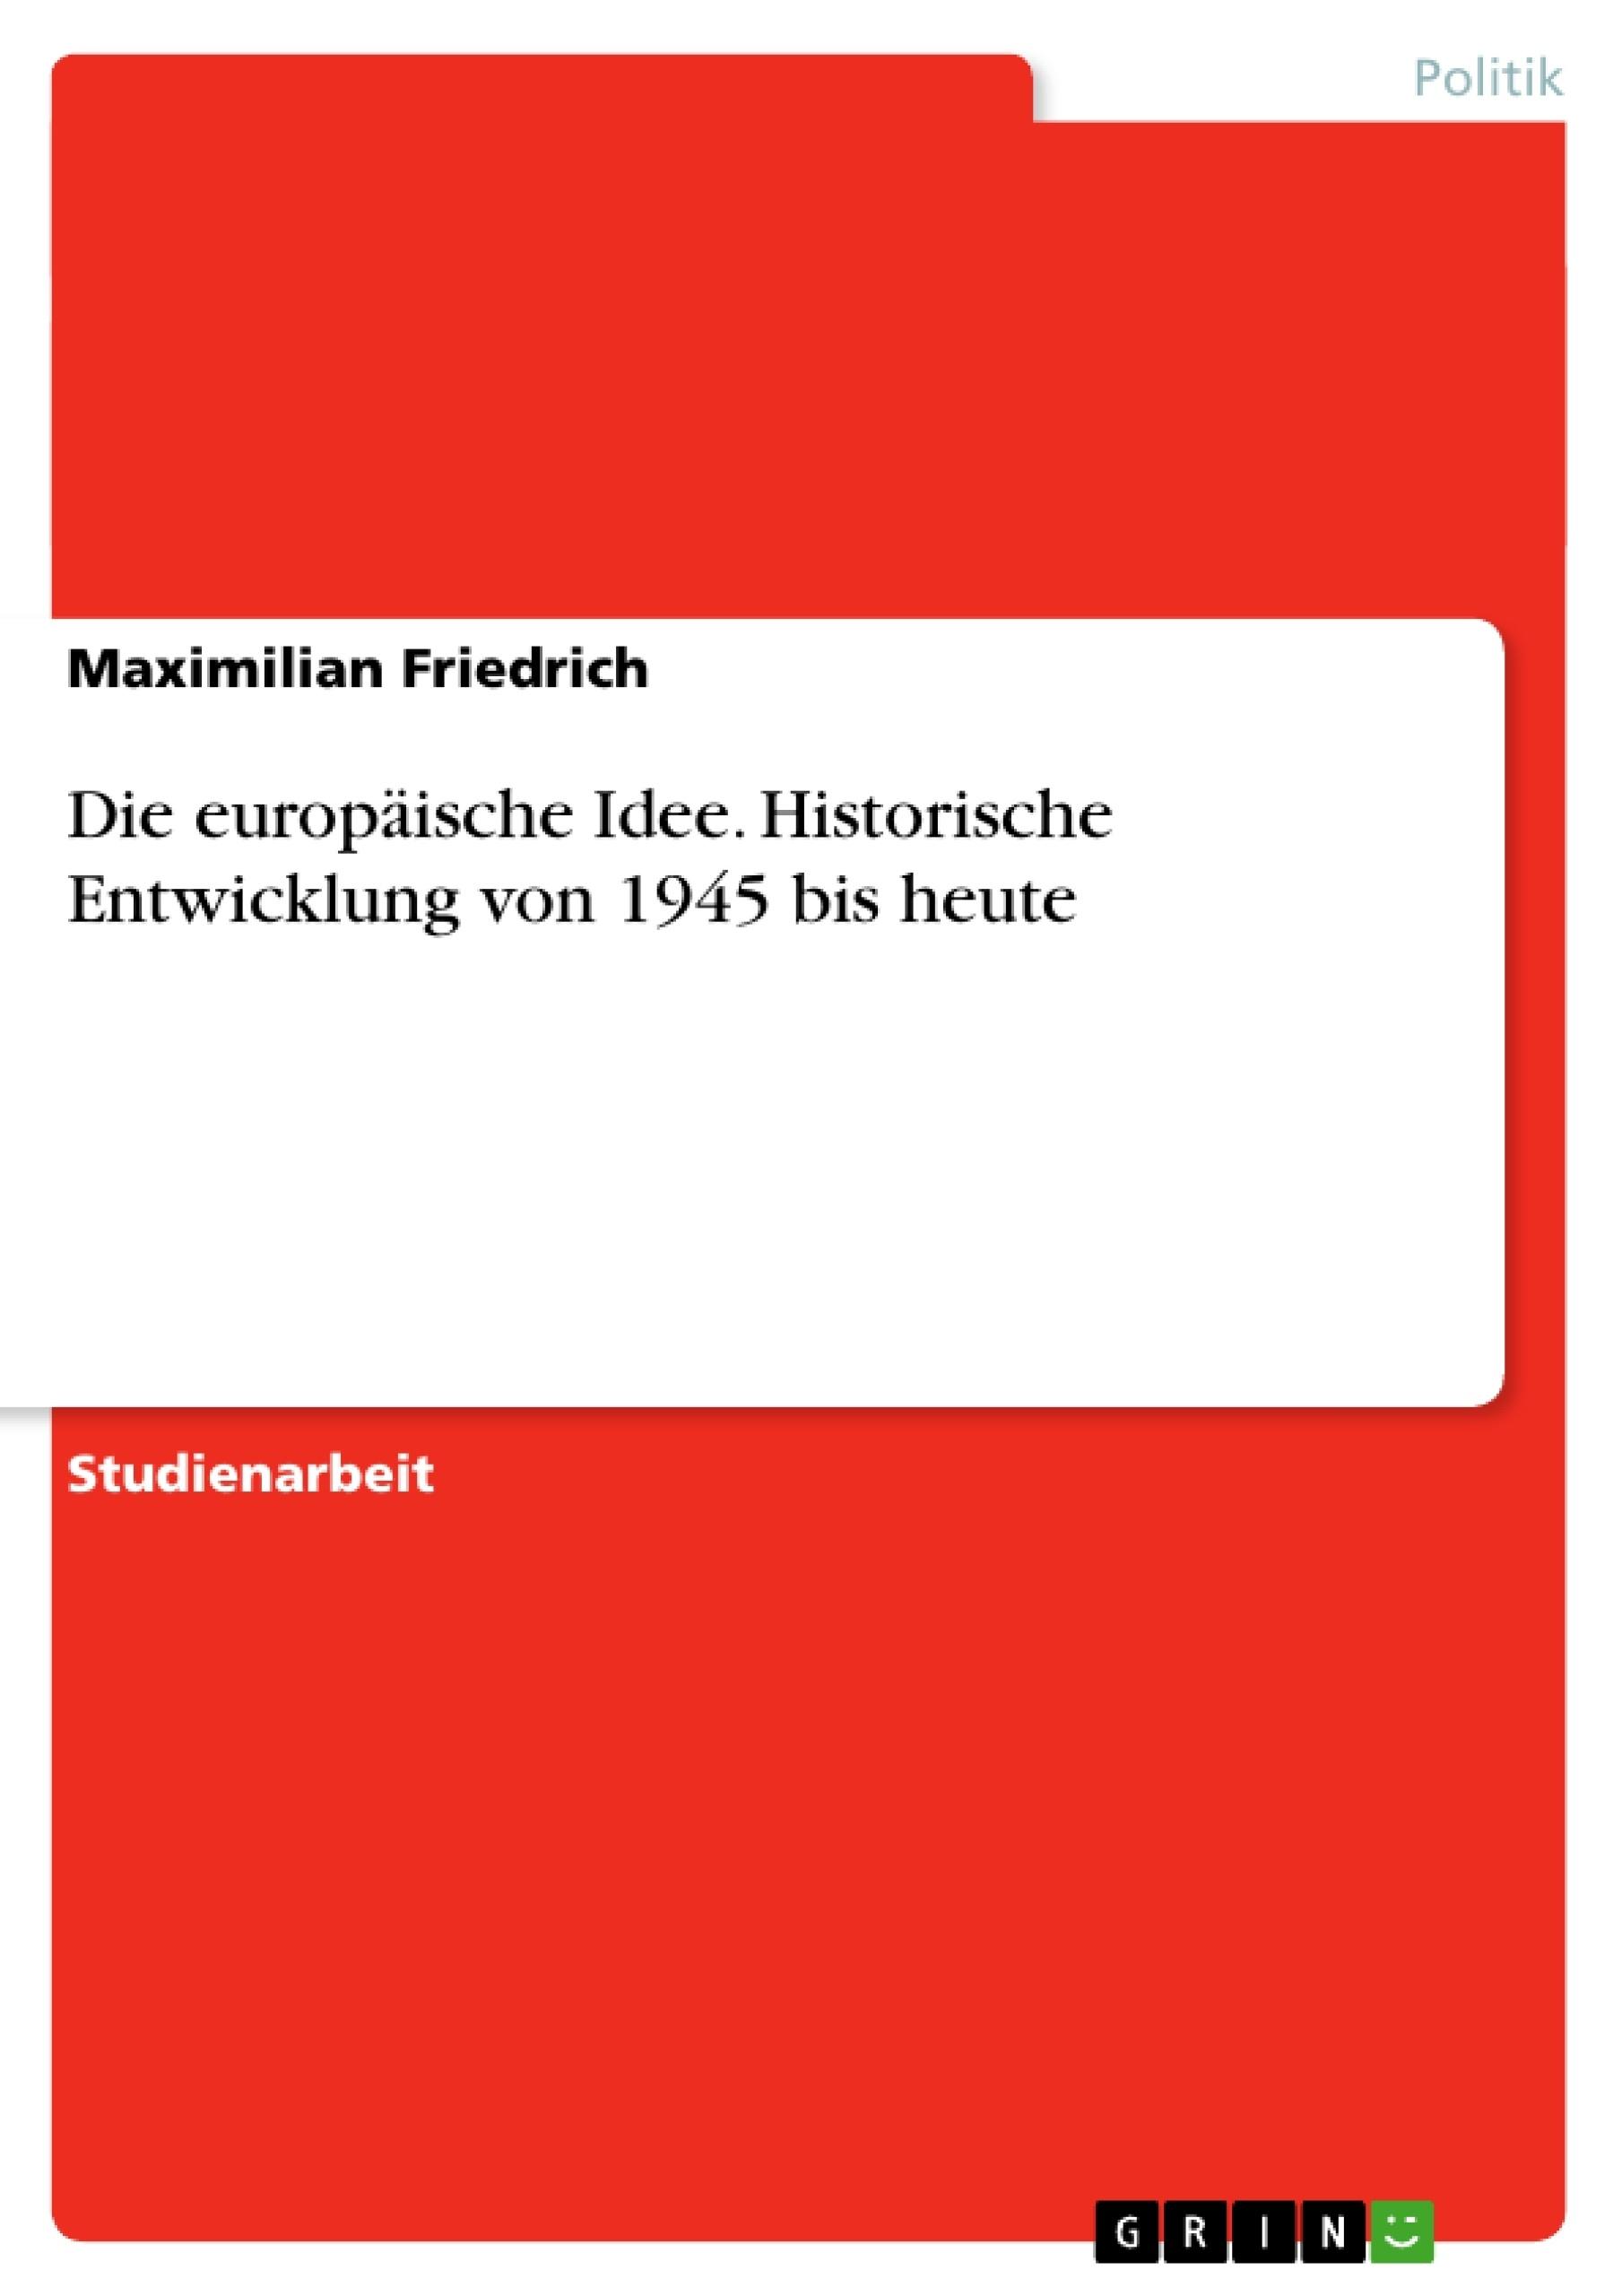 Titel: Die europäische Idee. Historische Entwicklung von 1945 bis heute